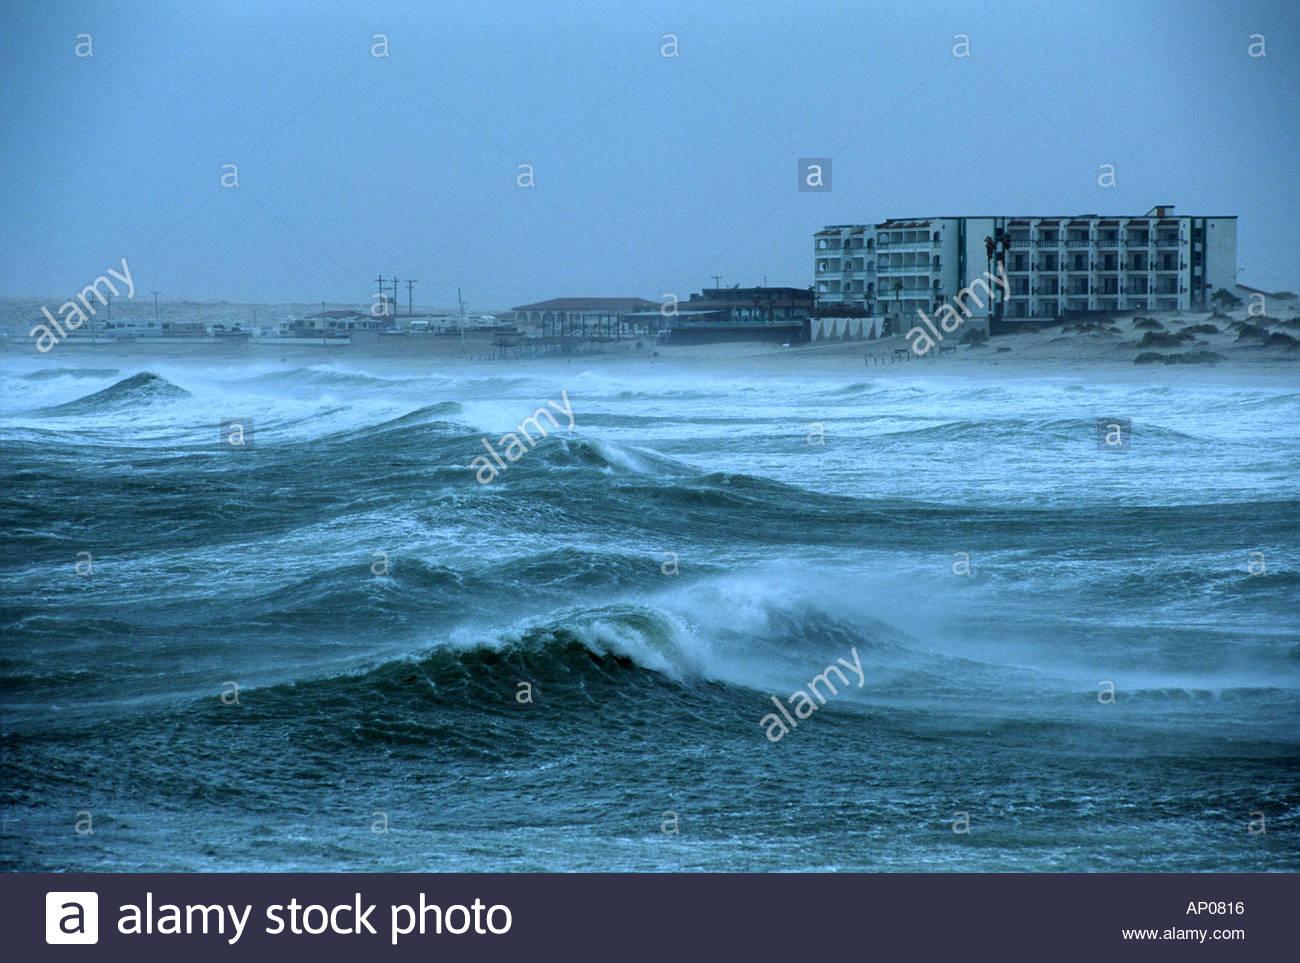 Wellen am Strand zum Absturz, wie Hurrikan Nora nähert sich der Küste von Rocky Point Mexiko mit vorderen Strandhotels in der Ferne Stockbild